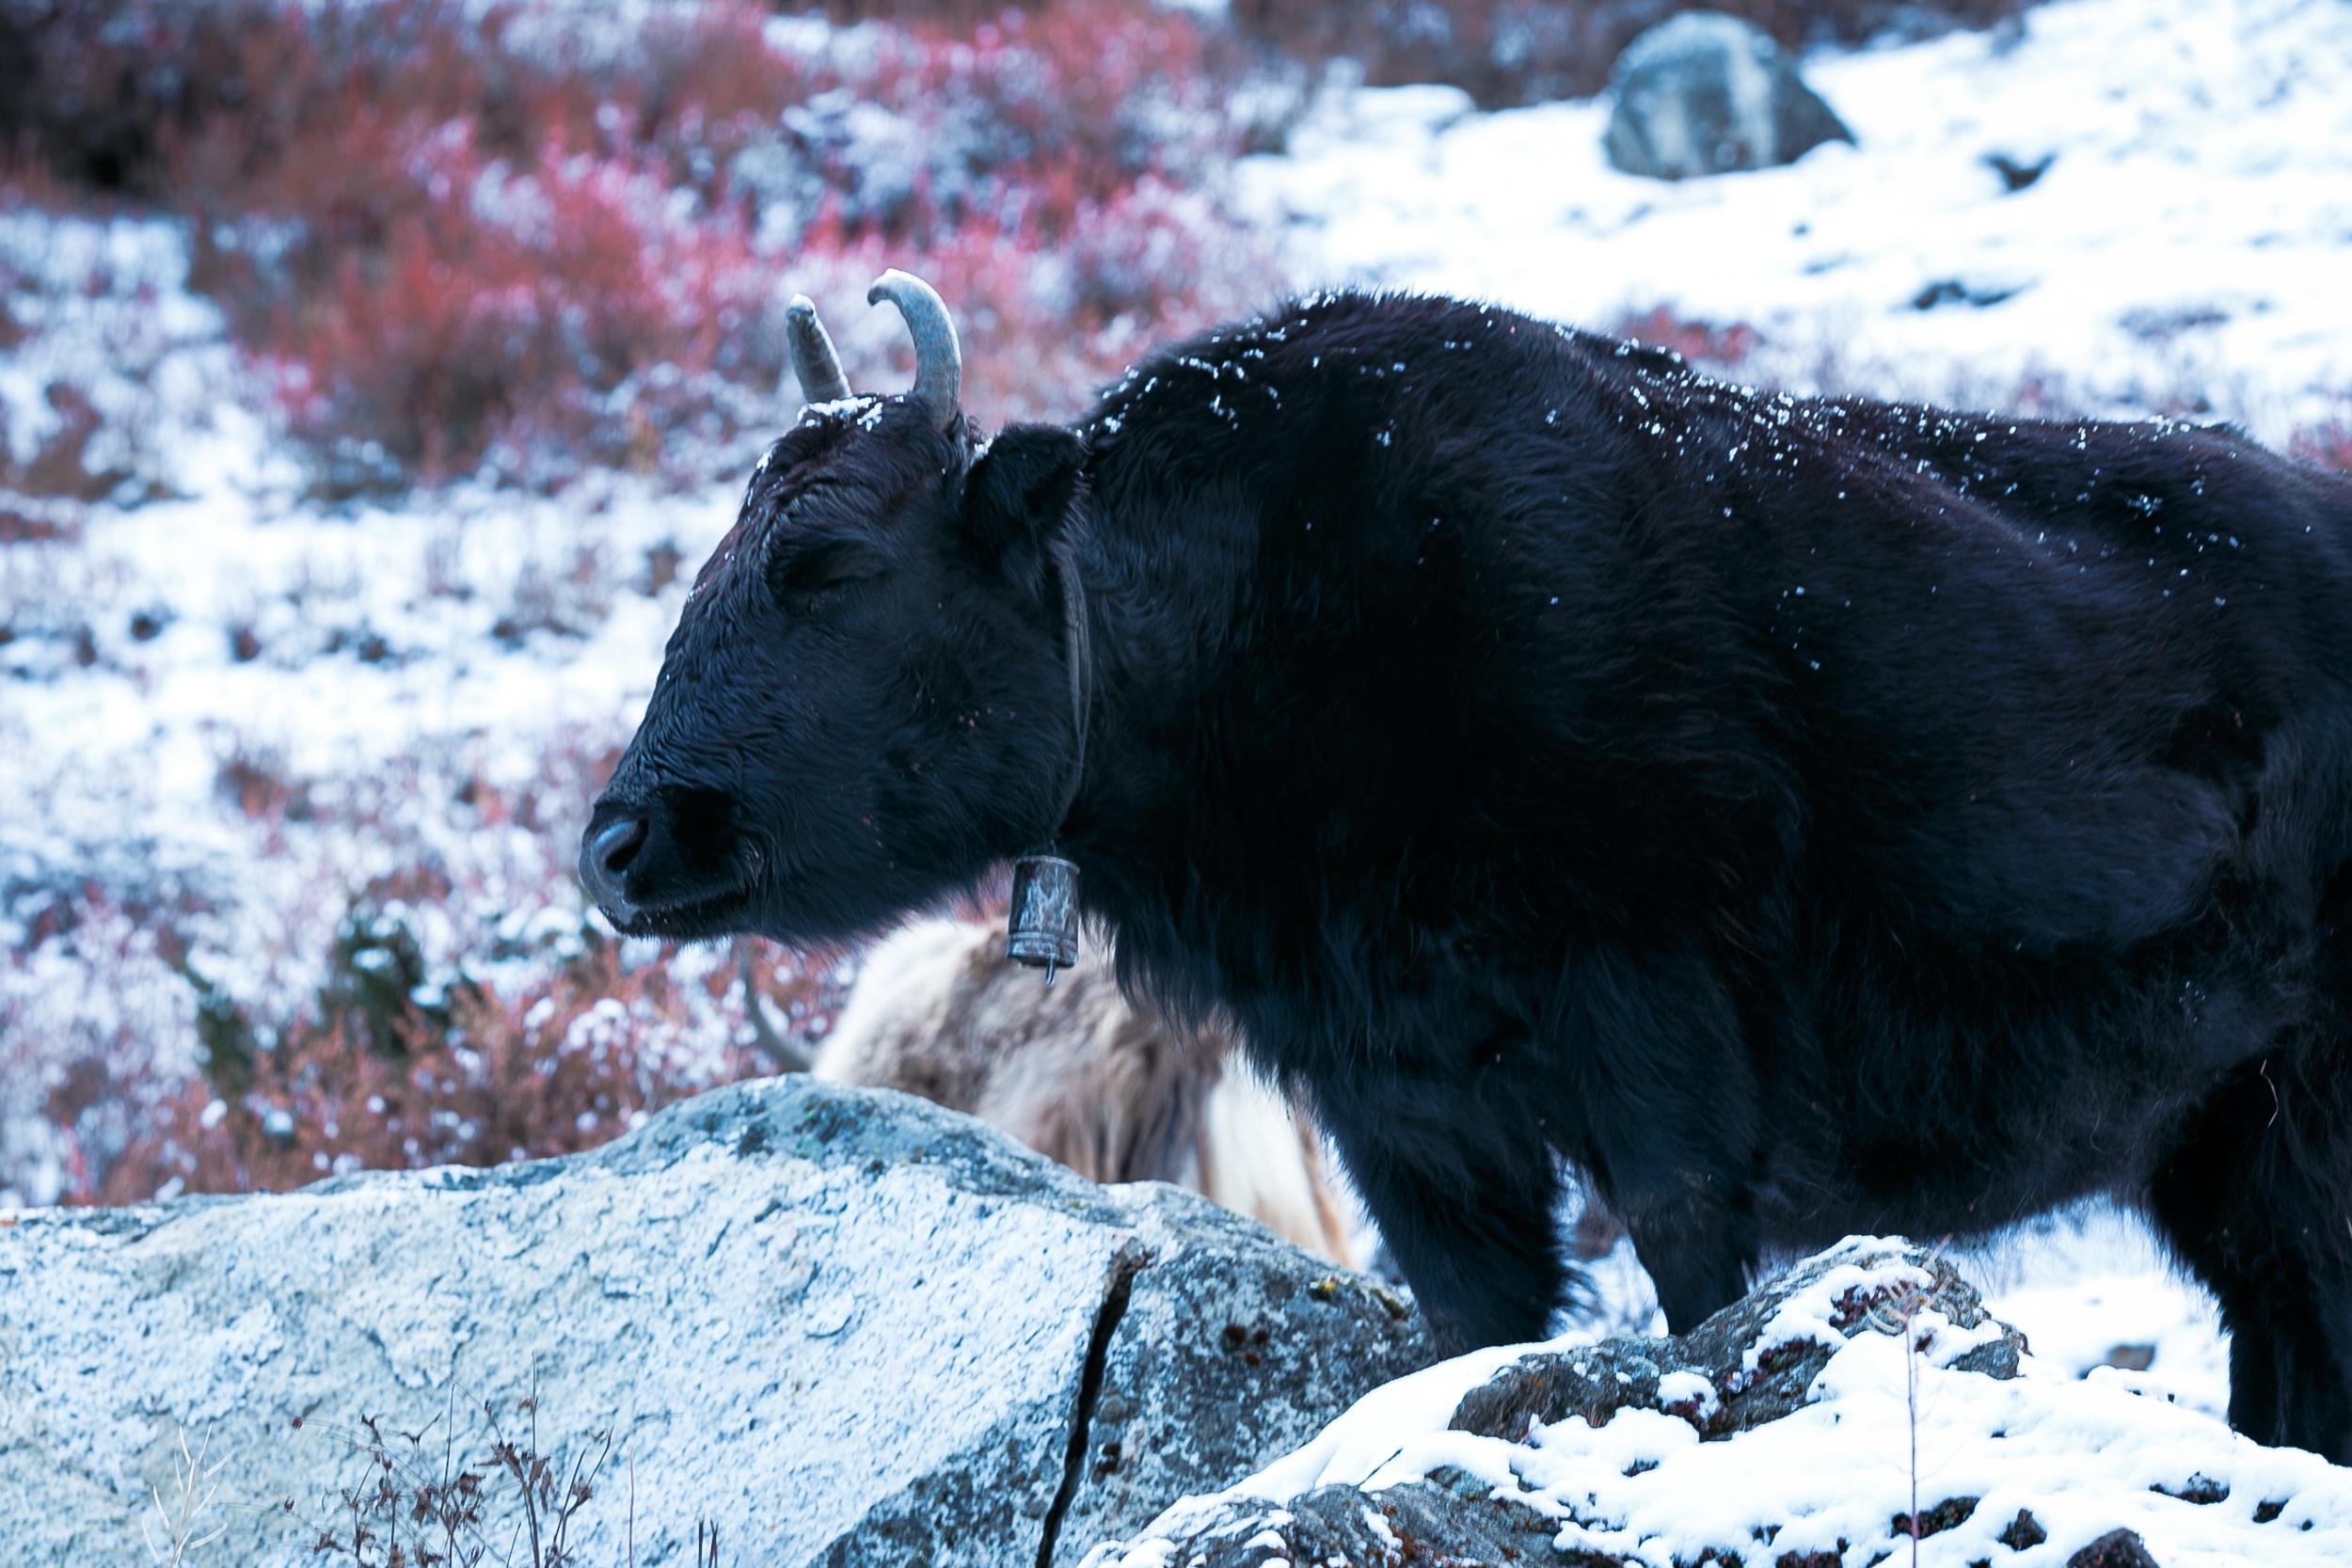 A happy yak enjoying the fresh powder snowfall.